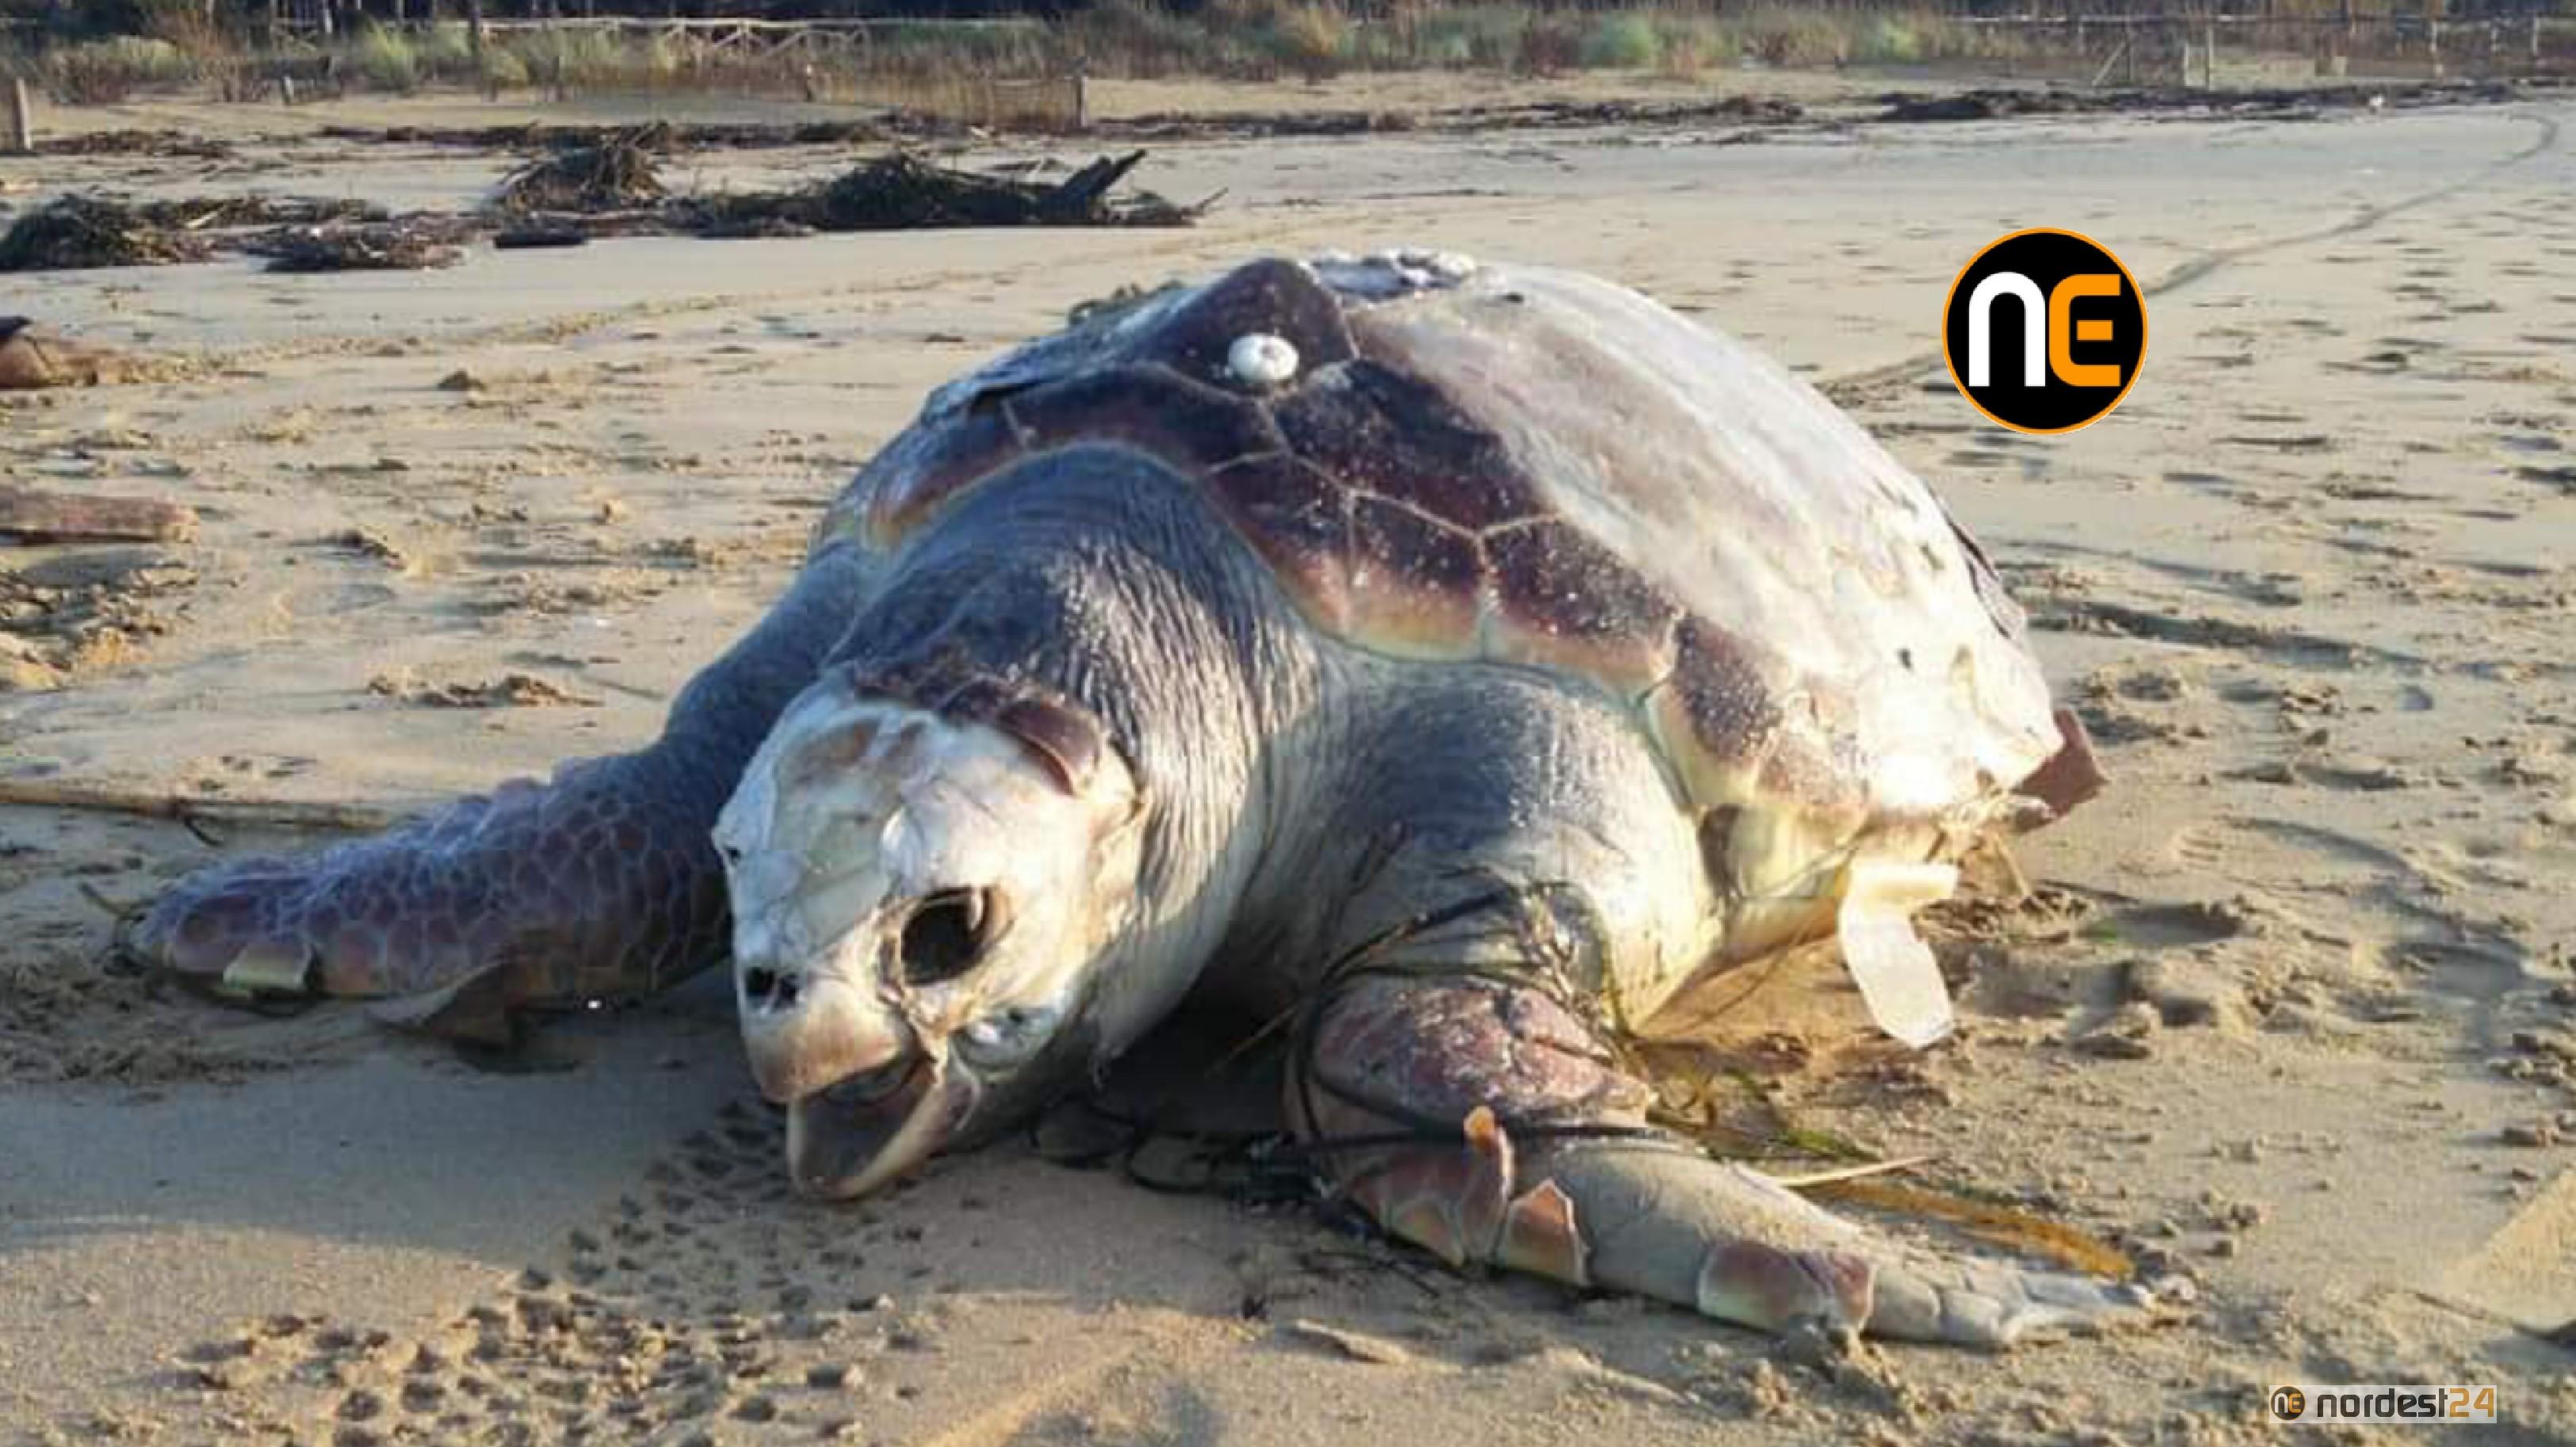 A Bibione boom di tartarughe spiaggiate: è allerta - Nordest24.it